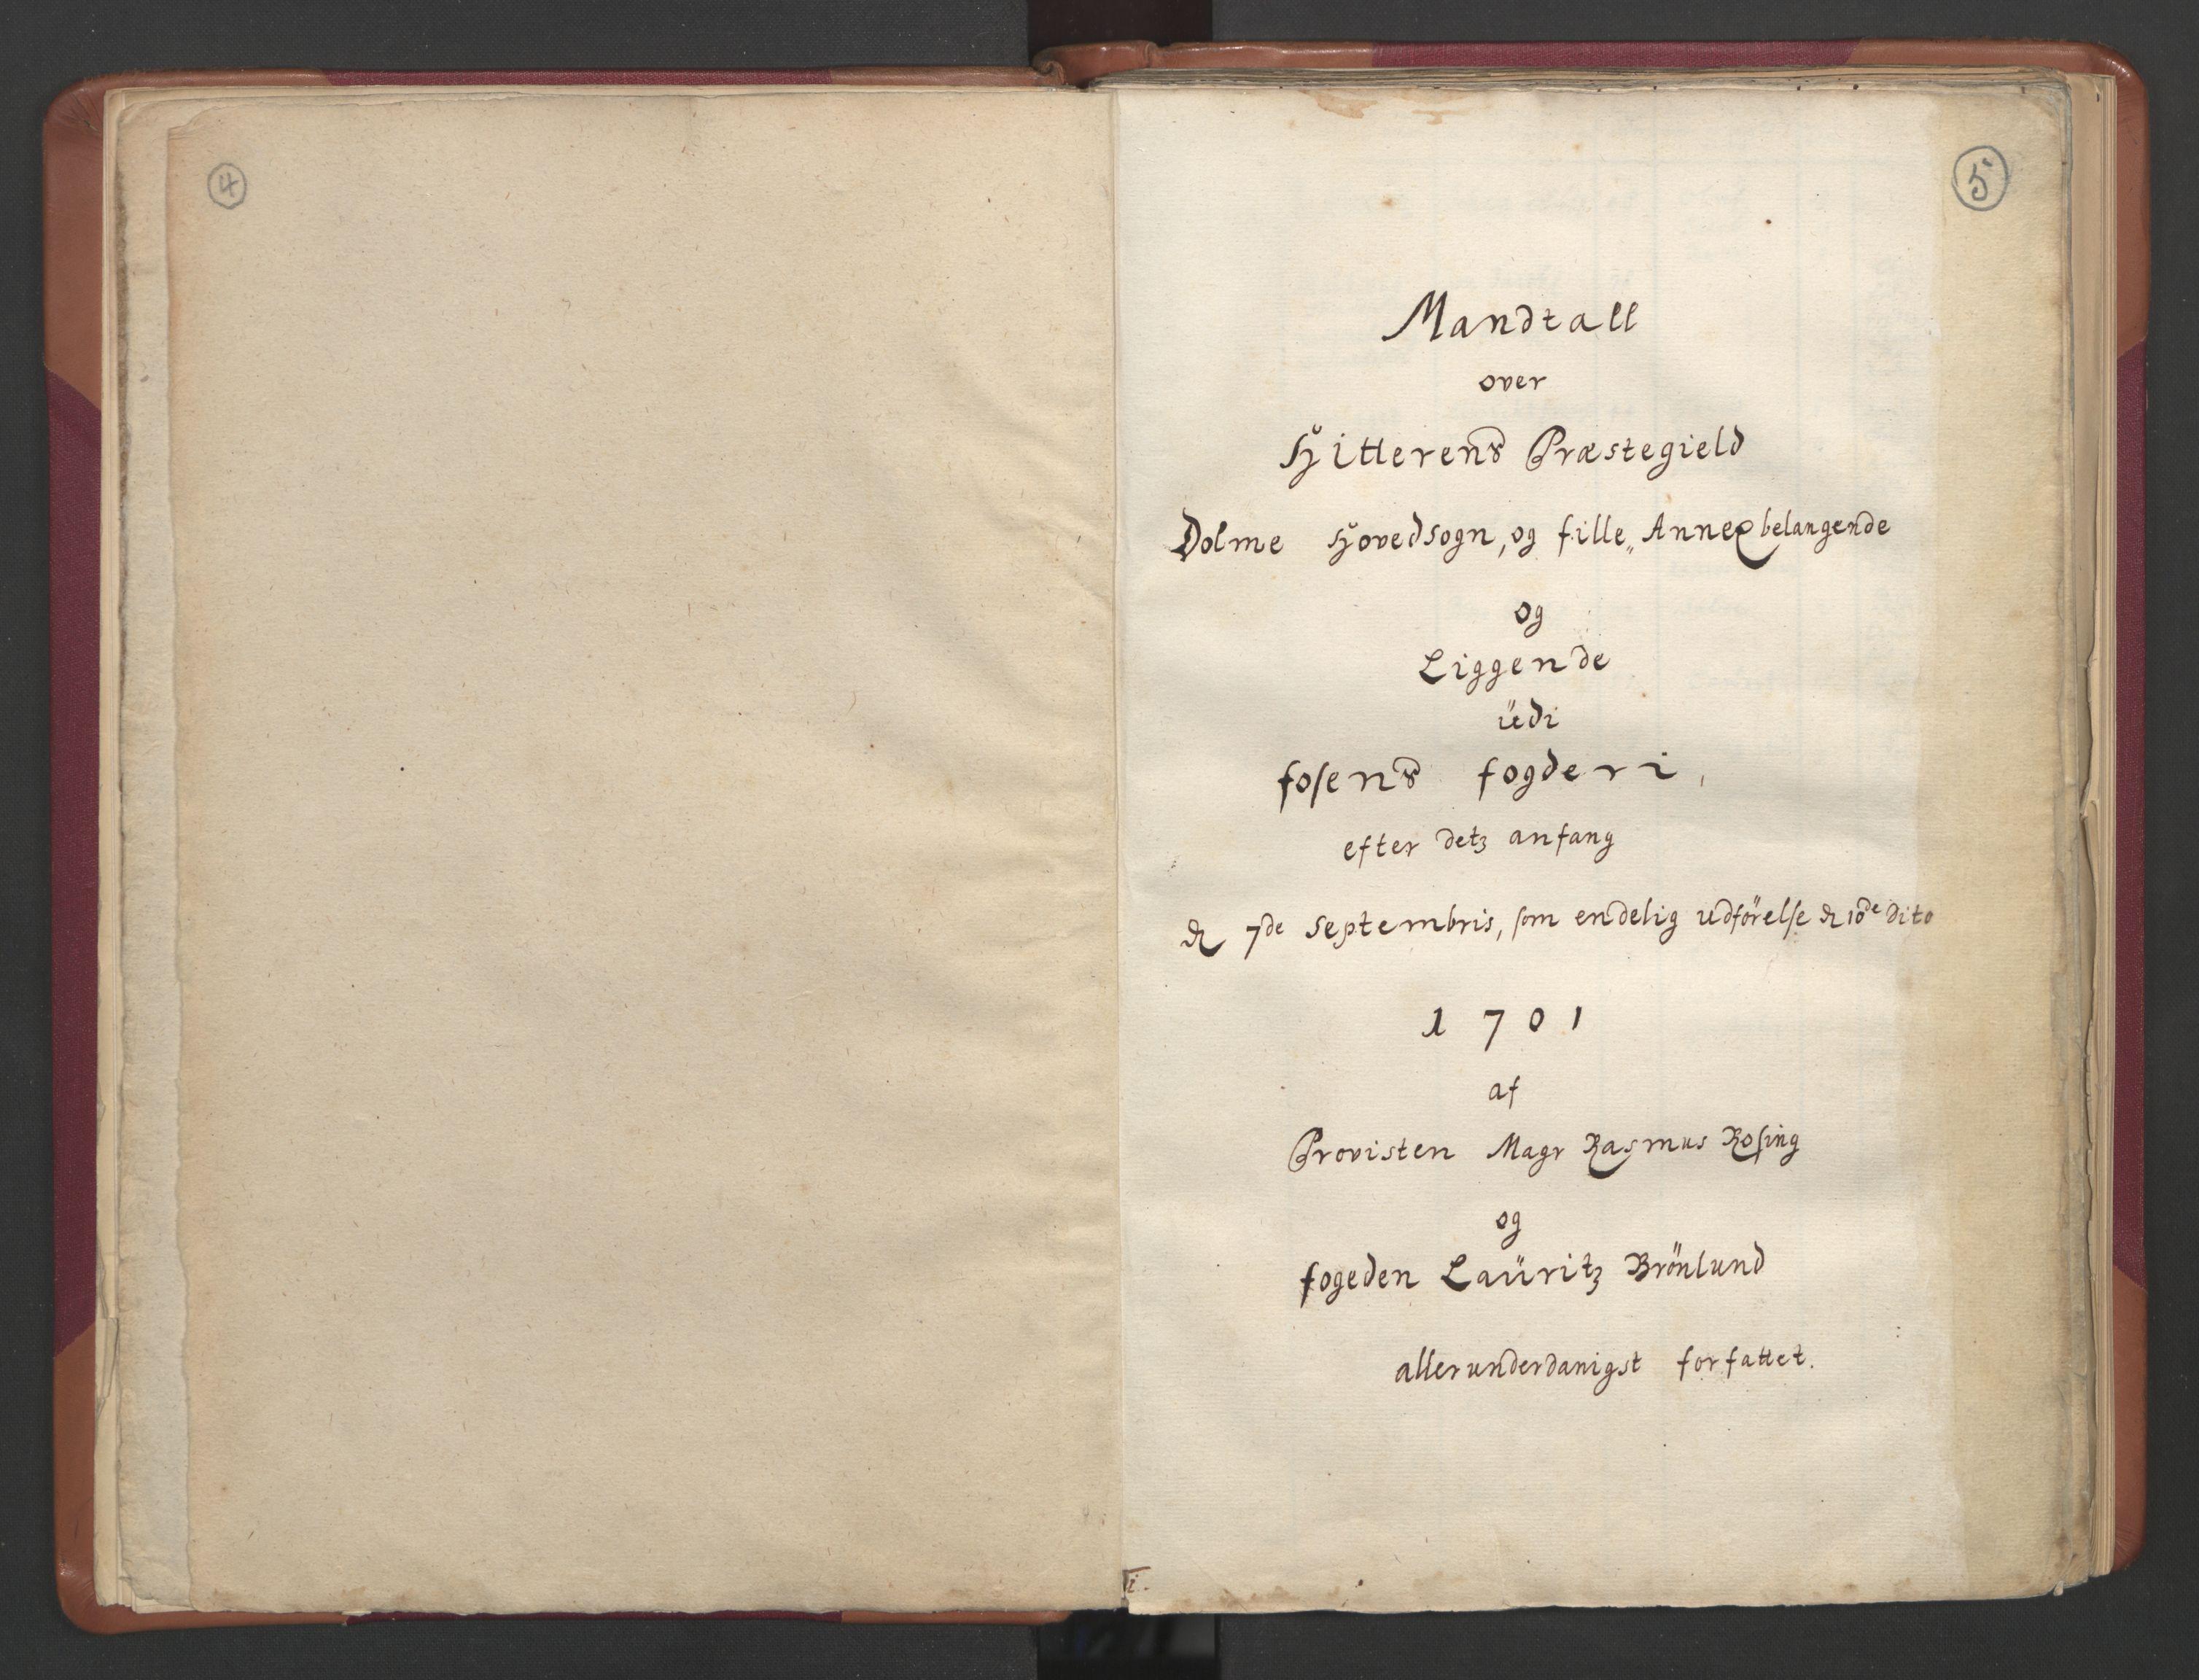 RA, Manntallet 1701, nr. 12: Fosen fogderi, 1701, s. 4-5